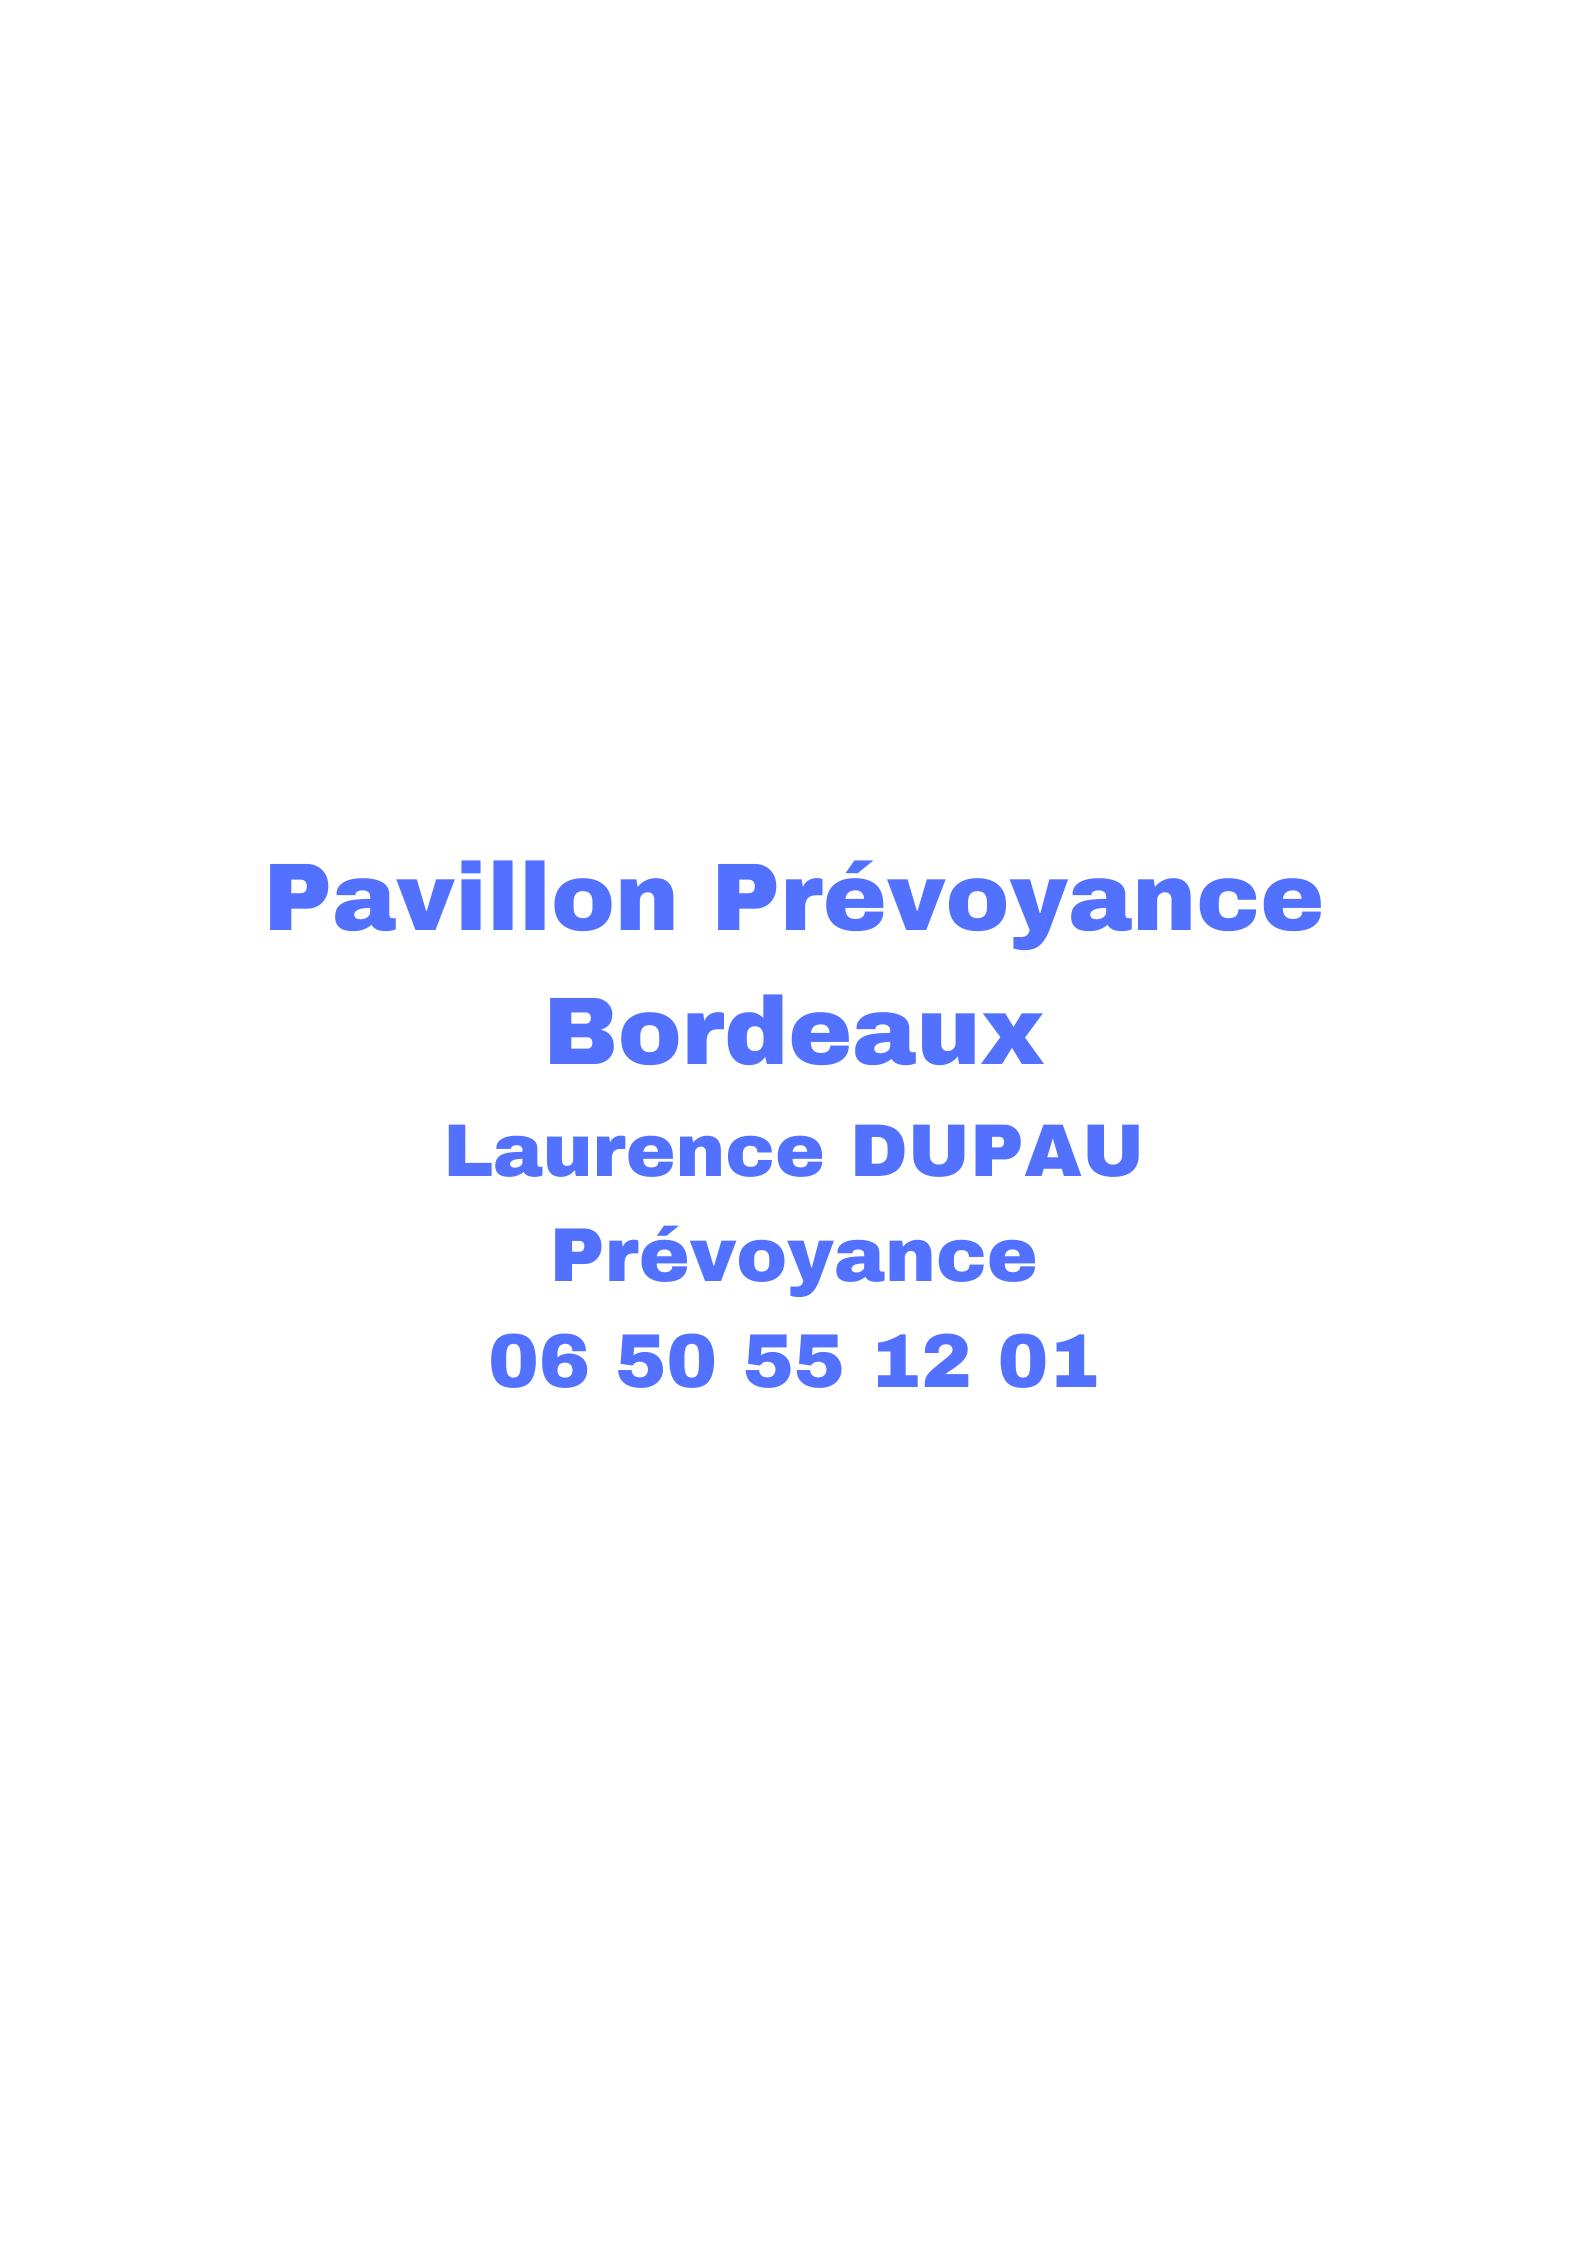 Pavillon Prévoyance Bordeaux